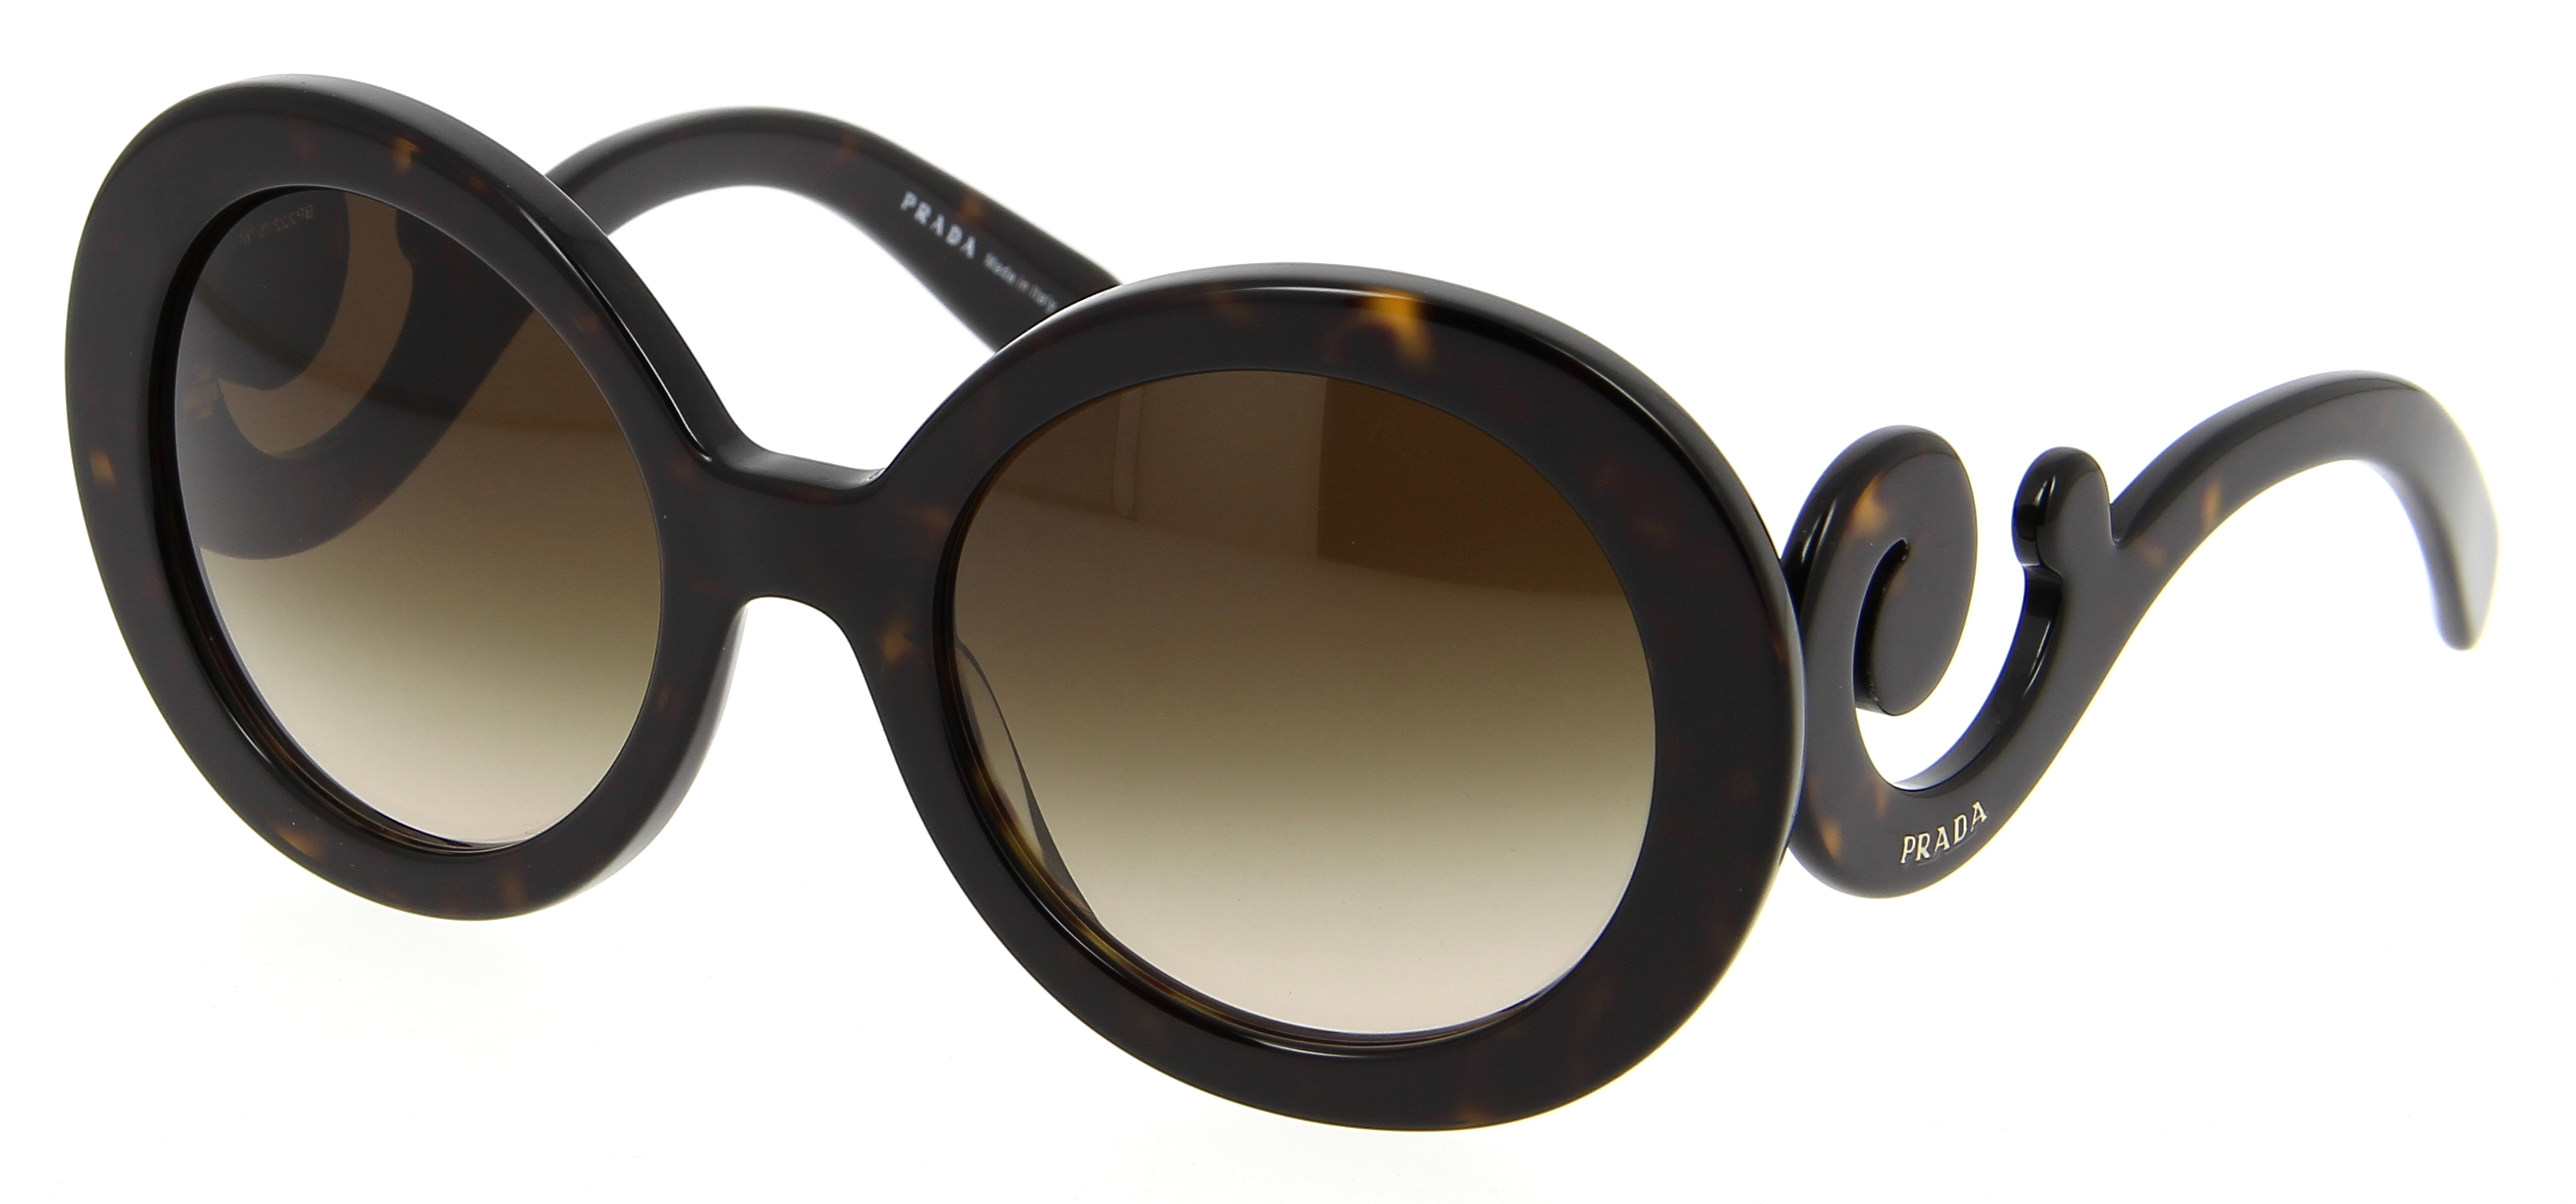 lunettes de soleil prada pr 27ns 2au6s1 55 22 femme caille brun arrondie cercl e tendance. Black Bedroom Furniture Sets. Home Design Ideas